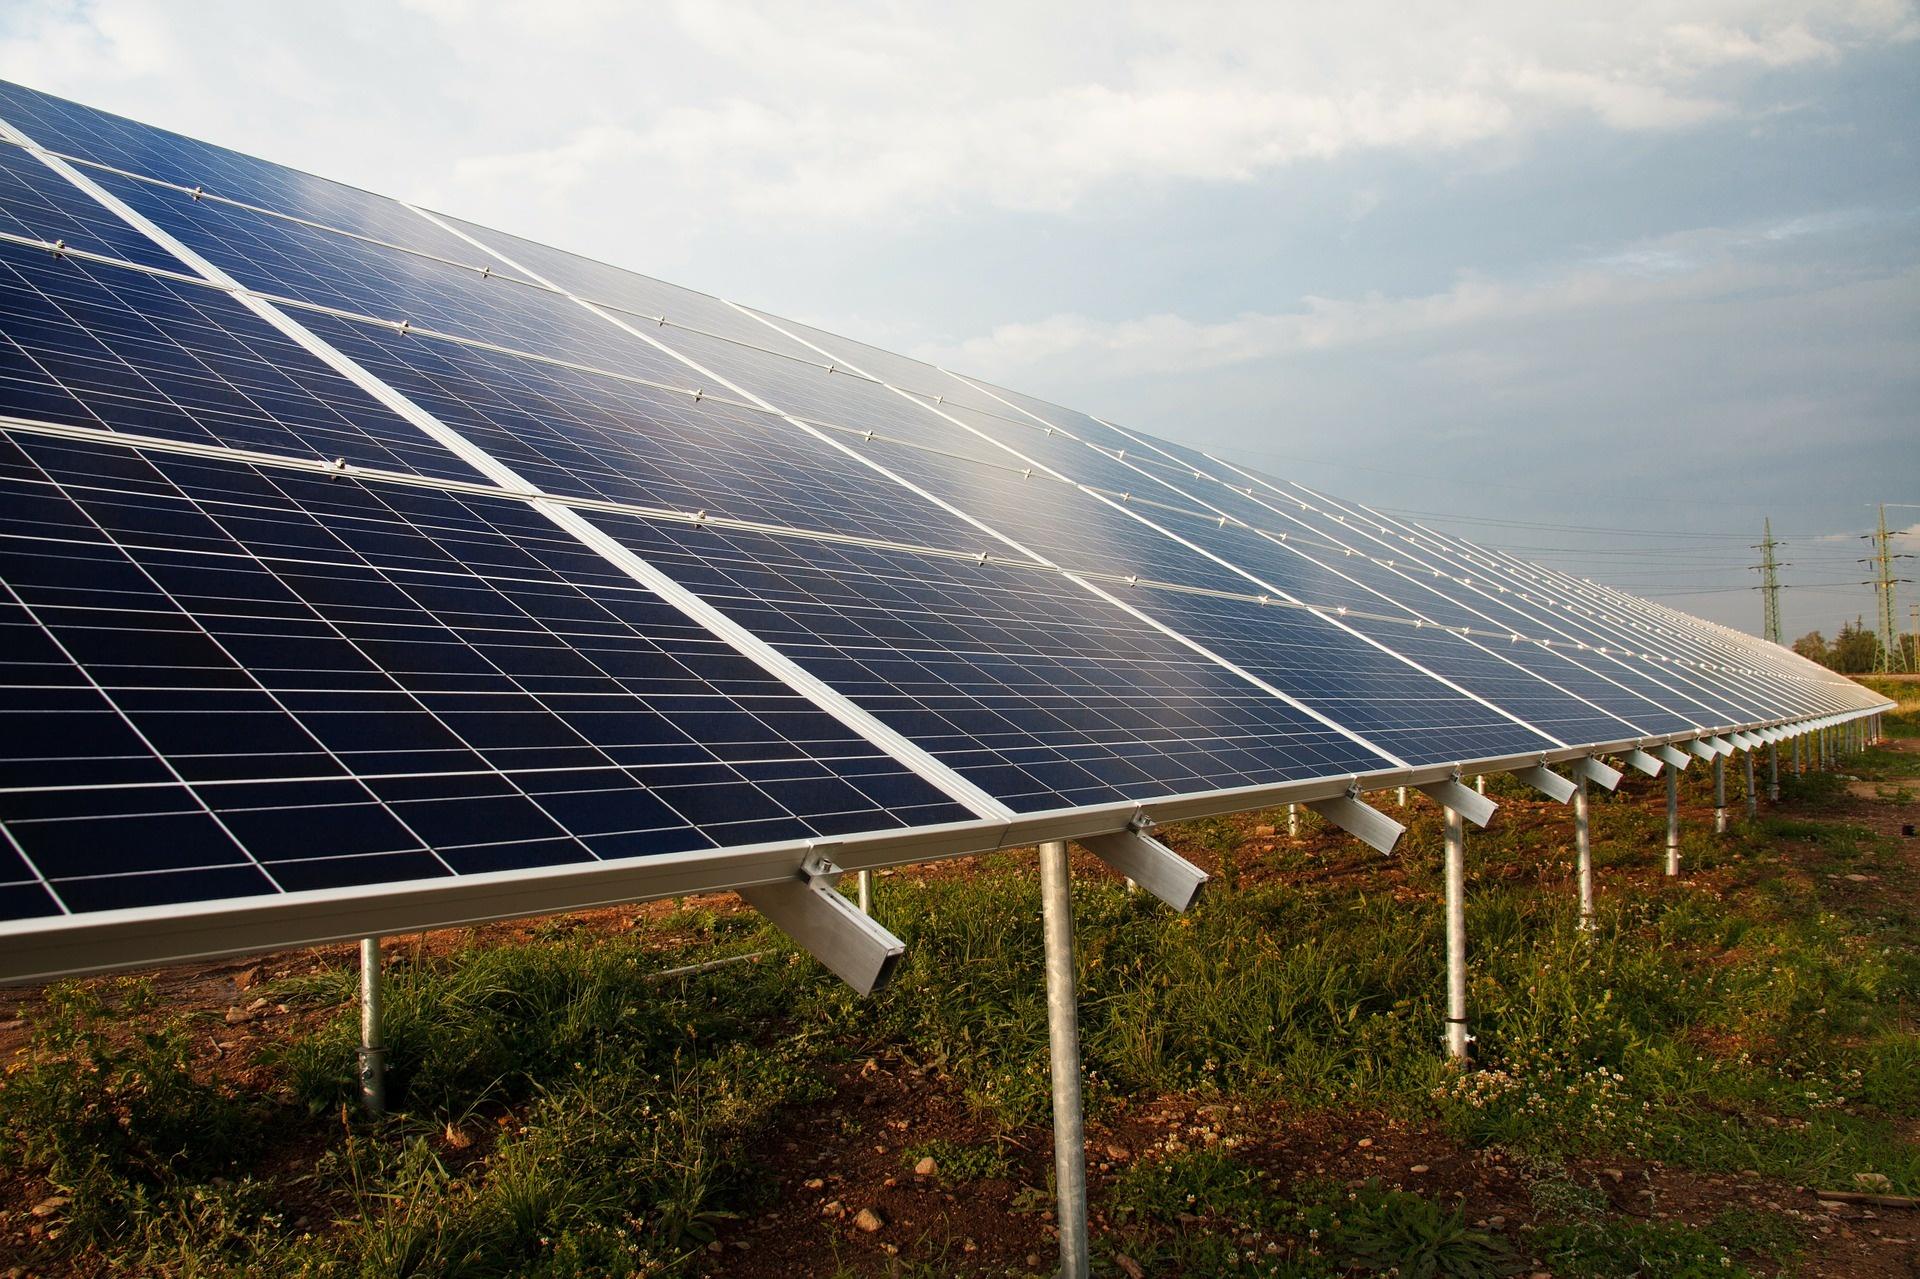 Solar Panels, Solar System, YSG Solar